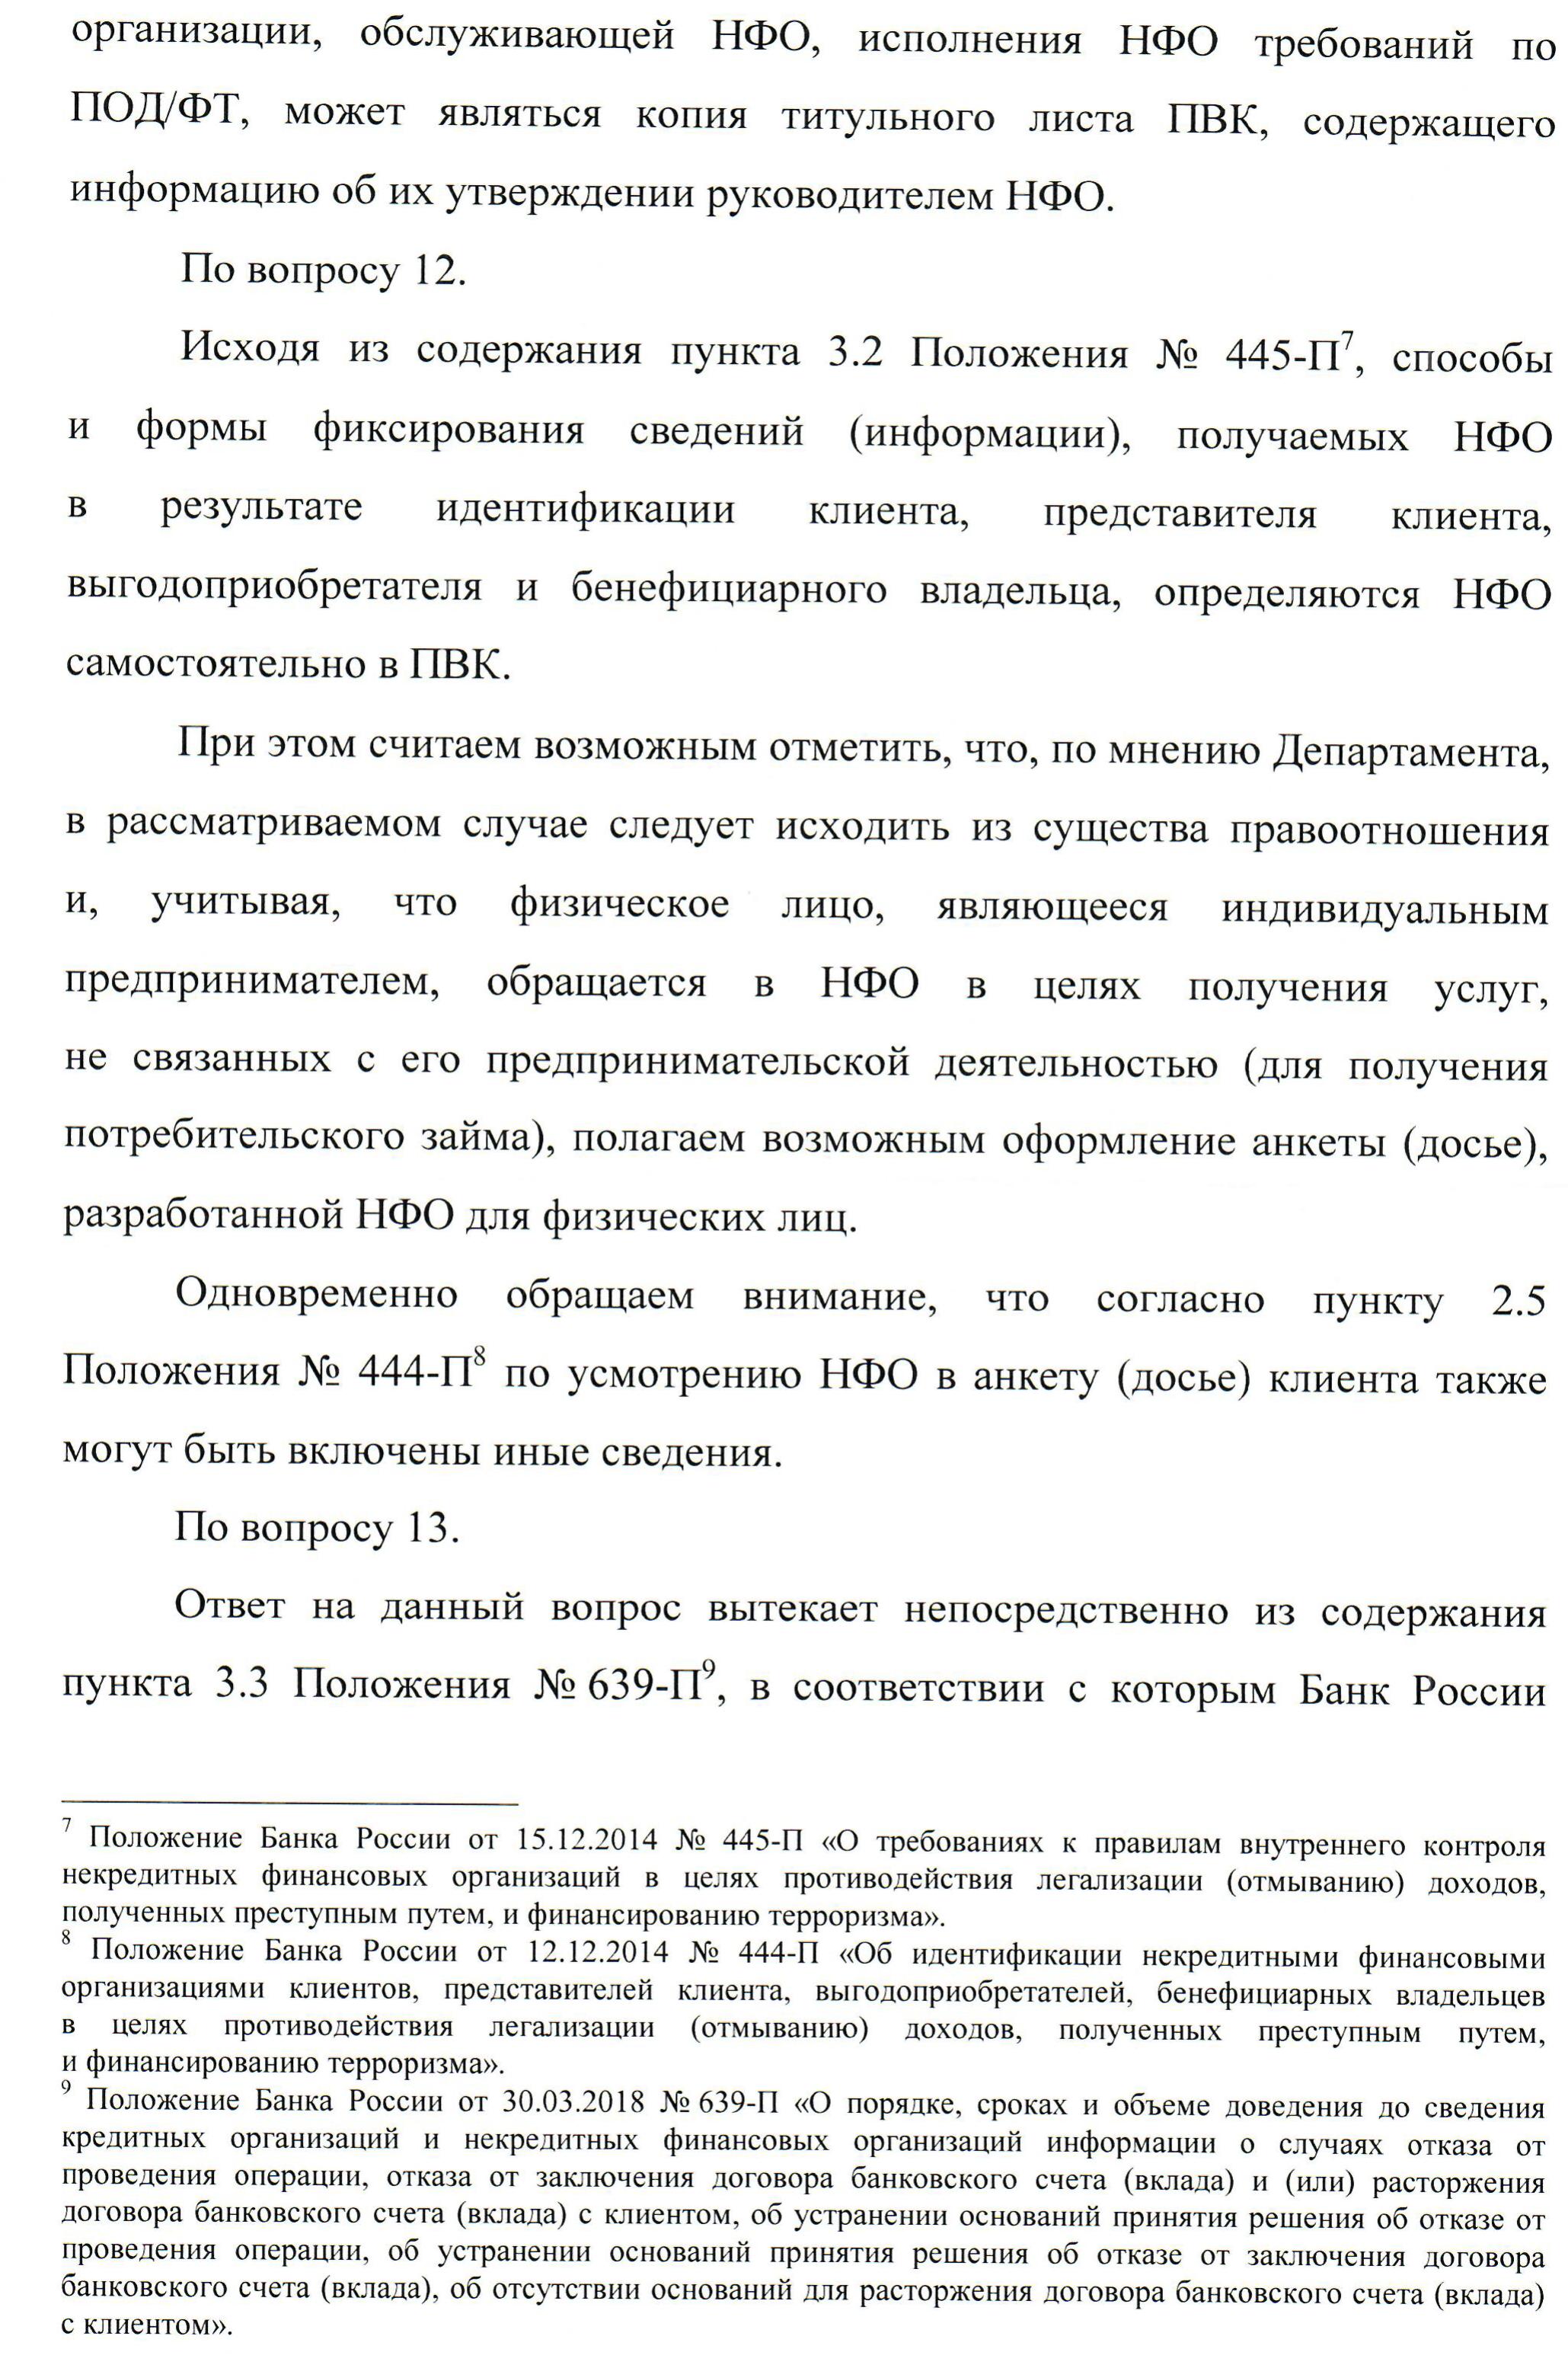 Департамент финансового мониторинга и валютного контроля Банка России разъяснил вопросы участников рынка микрофинансирования о применении законодательства в сфере ПОД/ФТ